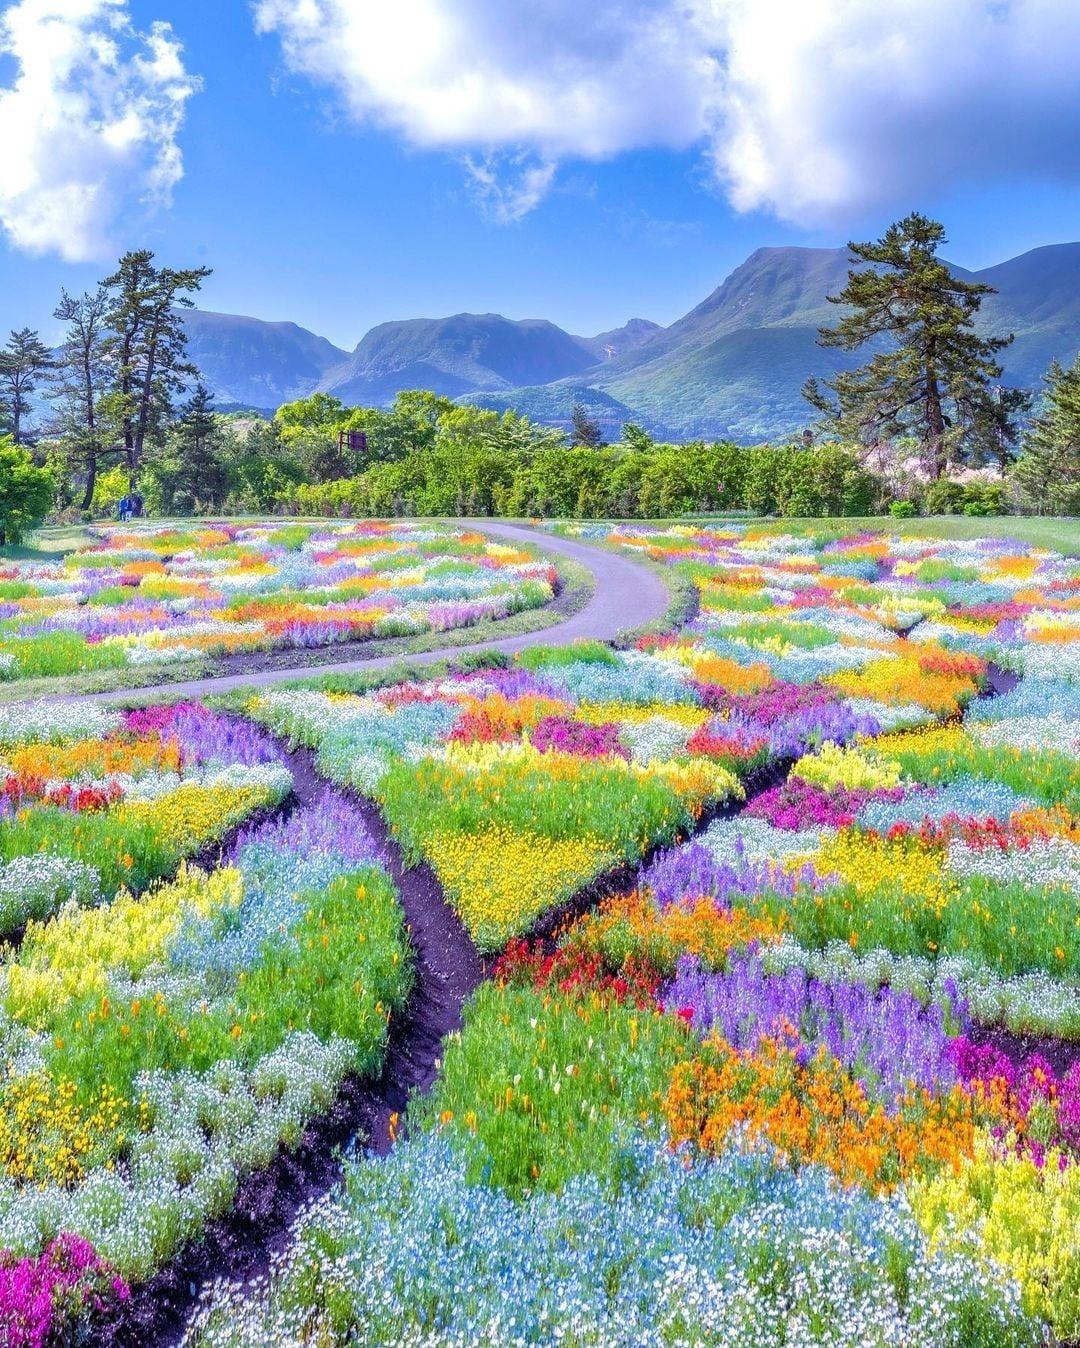 Trong khuôn viên với diện tích rộng khoảng 220.000 m2, du khách có thể chiêm ngưỡng đủ loài hoa với mọi màu sắc từ xanh - đỏ - tím - vàng - hồng... Từ tháng 4 đến tháng 5 là mùa hoa tulip còn từ tháng 6 đến tháng 8 là mùa hoa shibazakura. Cuối tháng 9 đến đầu tháng 11, khoảng một triệu bông hoa chi cúc chuồn - cosmos bung nở. Ảnh: astrailor_jp